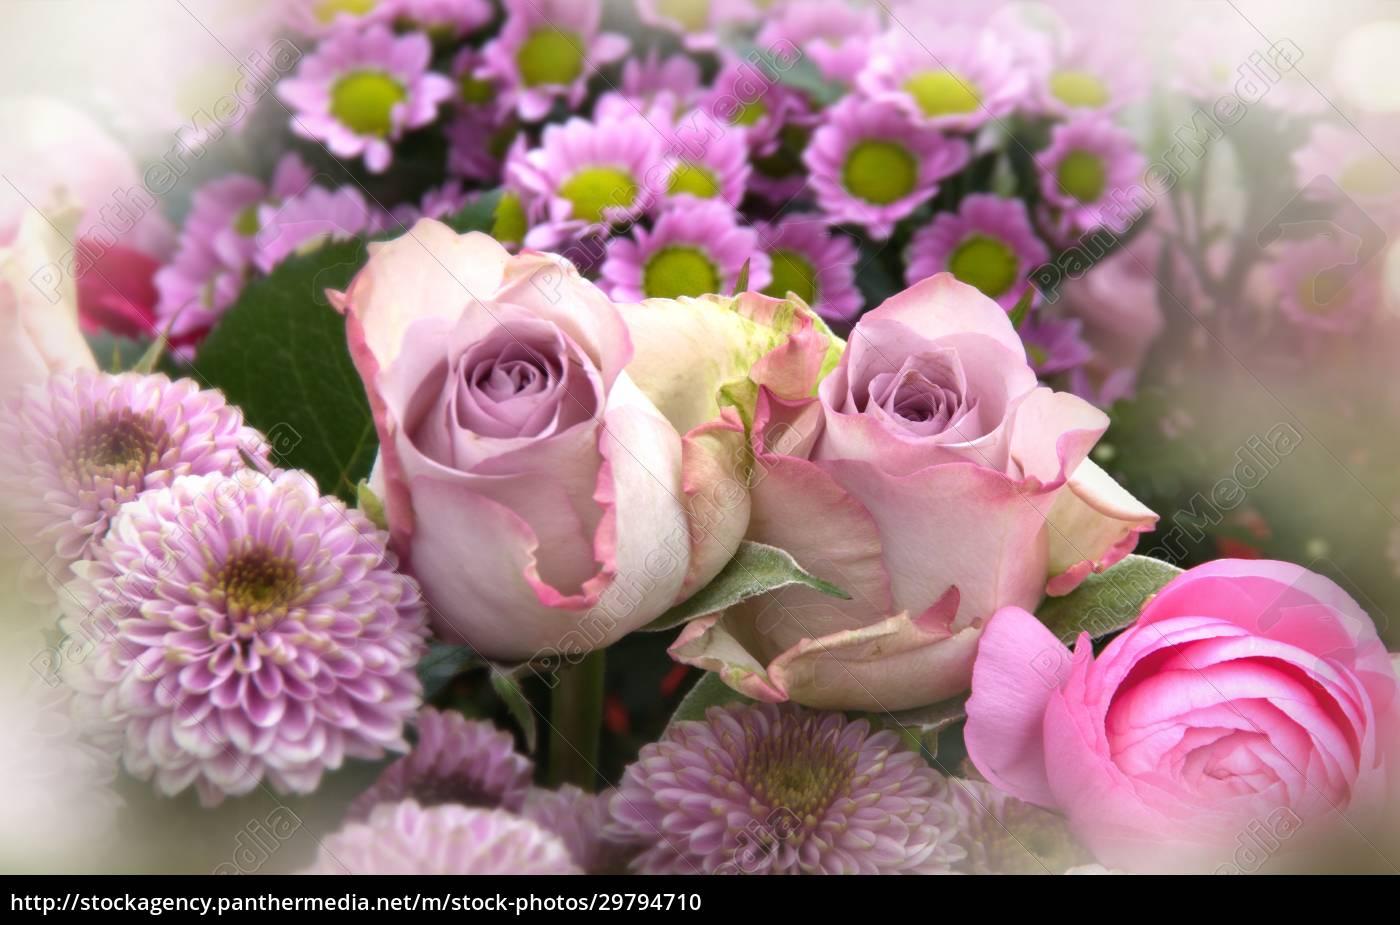 rosa, blumen, muttertag, stillleben - 29794710